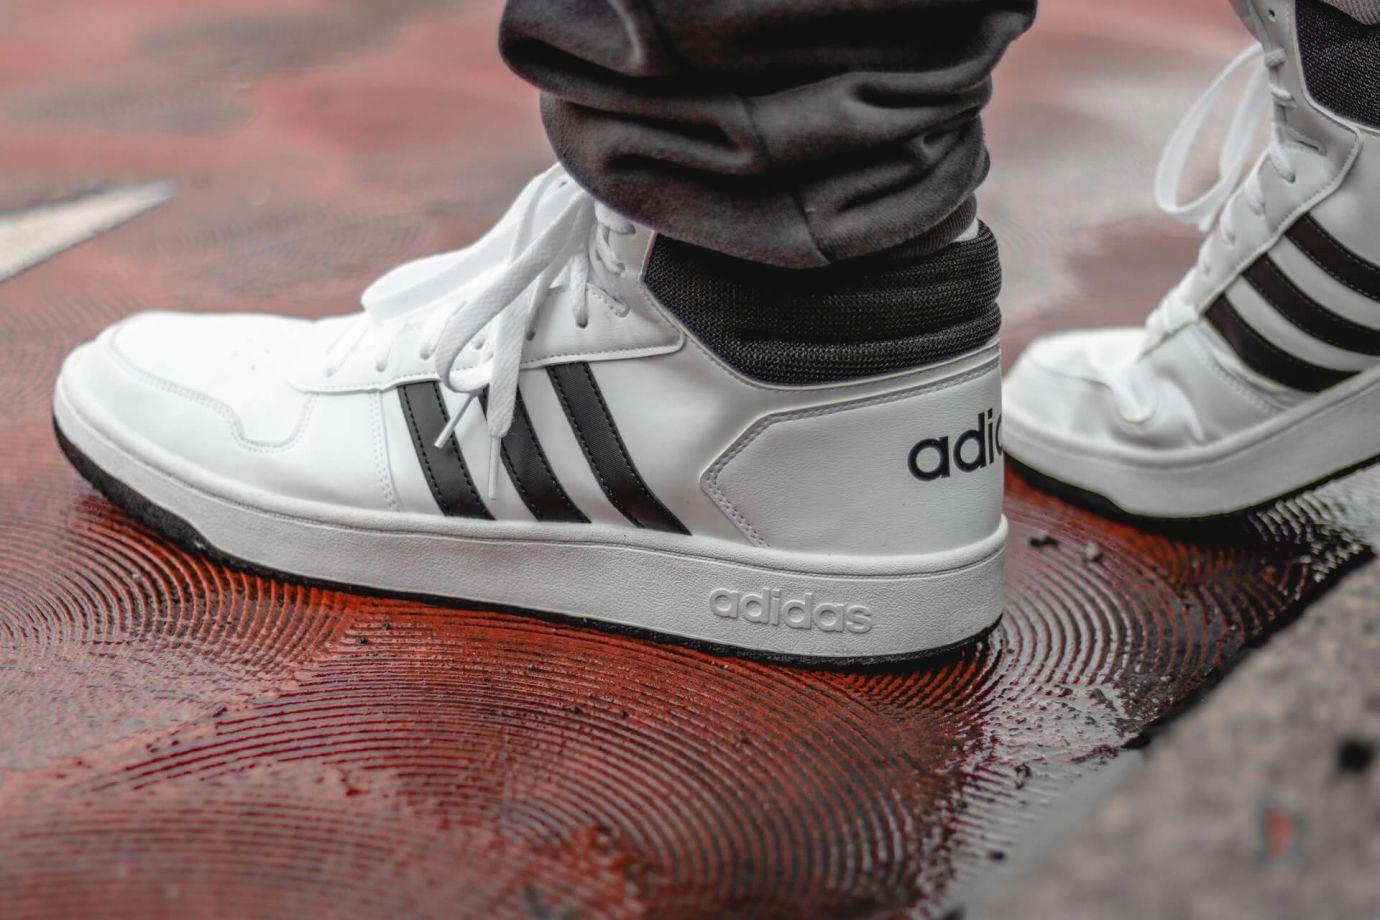 Schwarz-weiße Adidas Sneaker